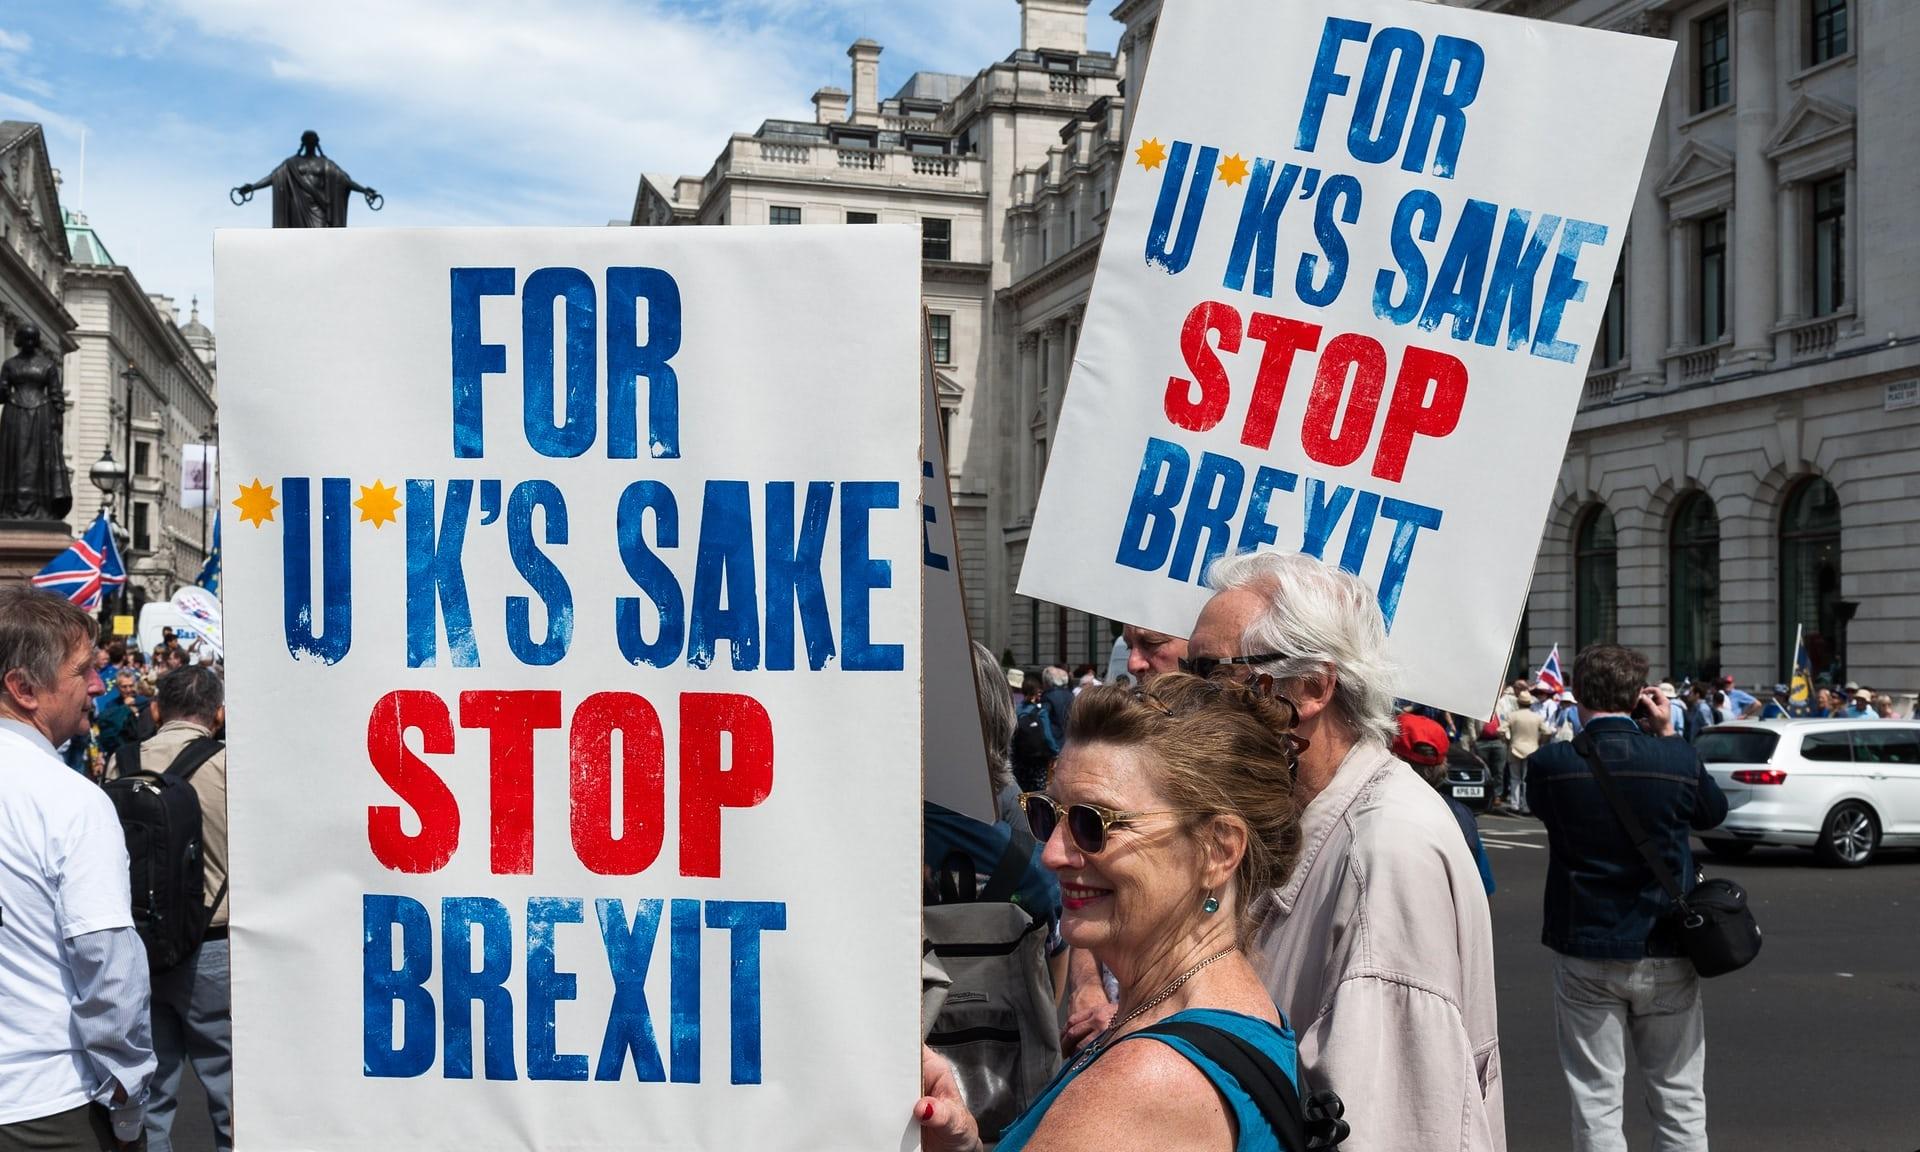 Brexitposter June EU march 1.jpg